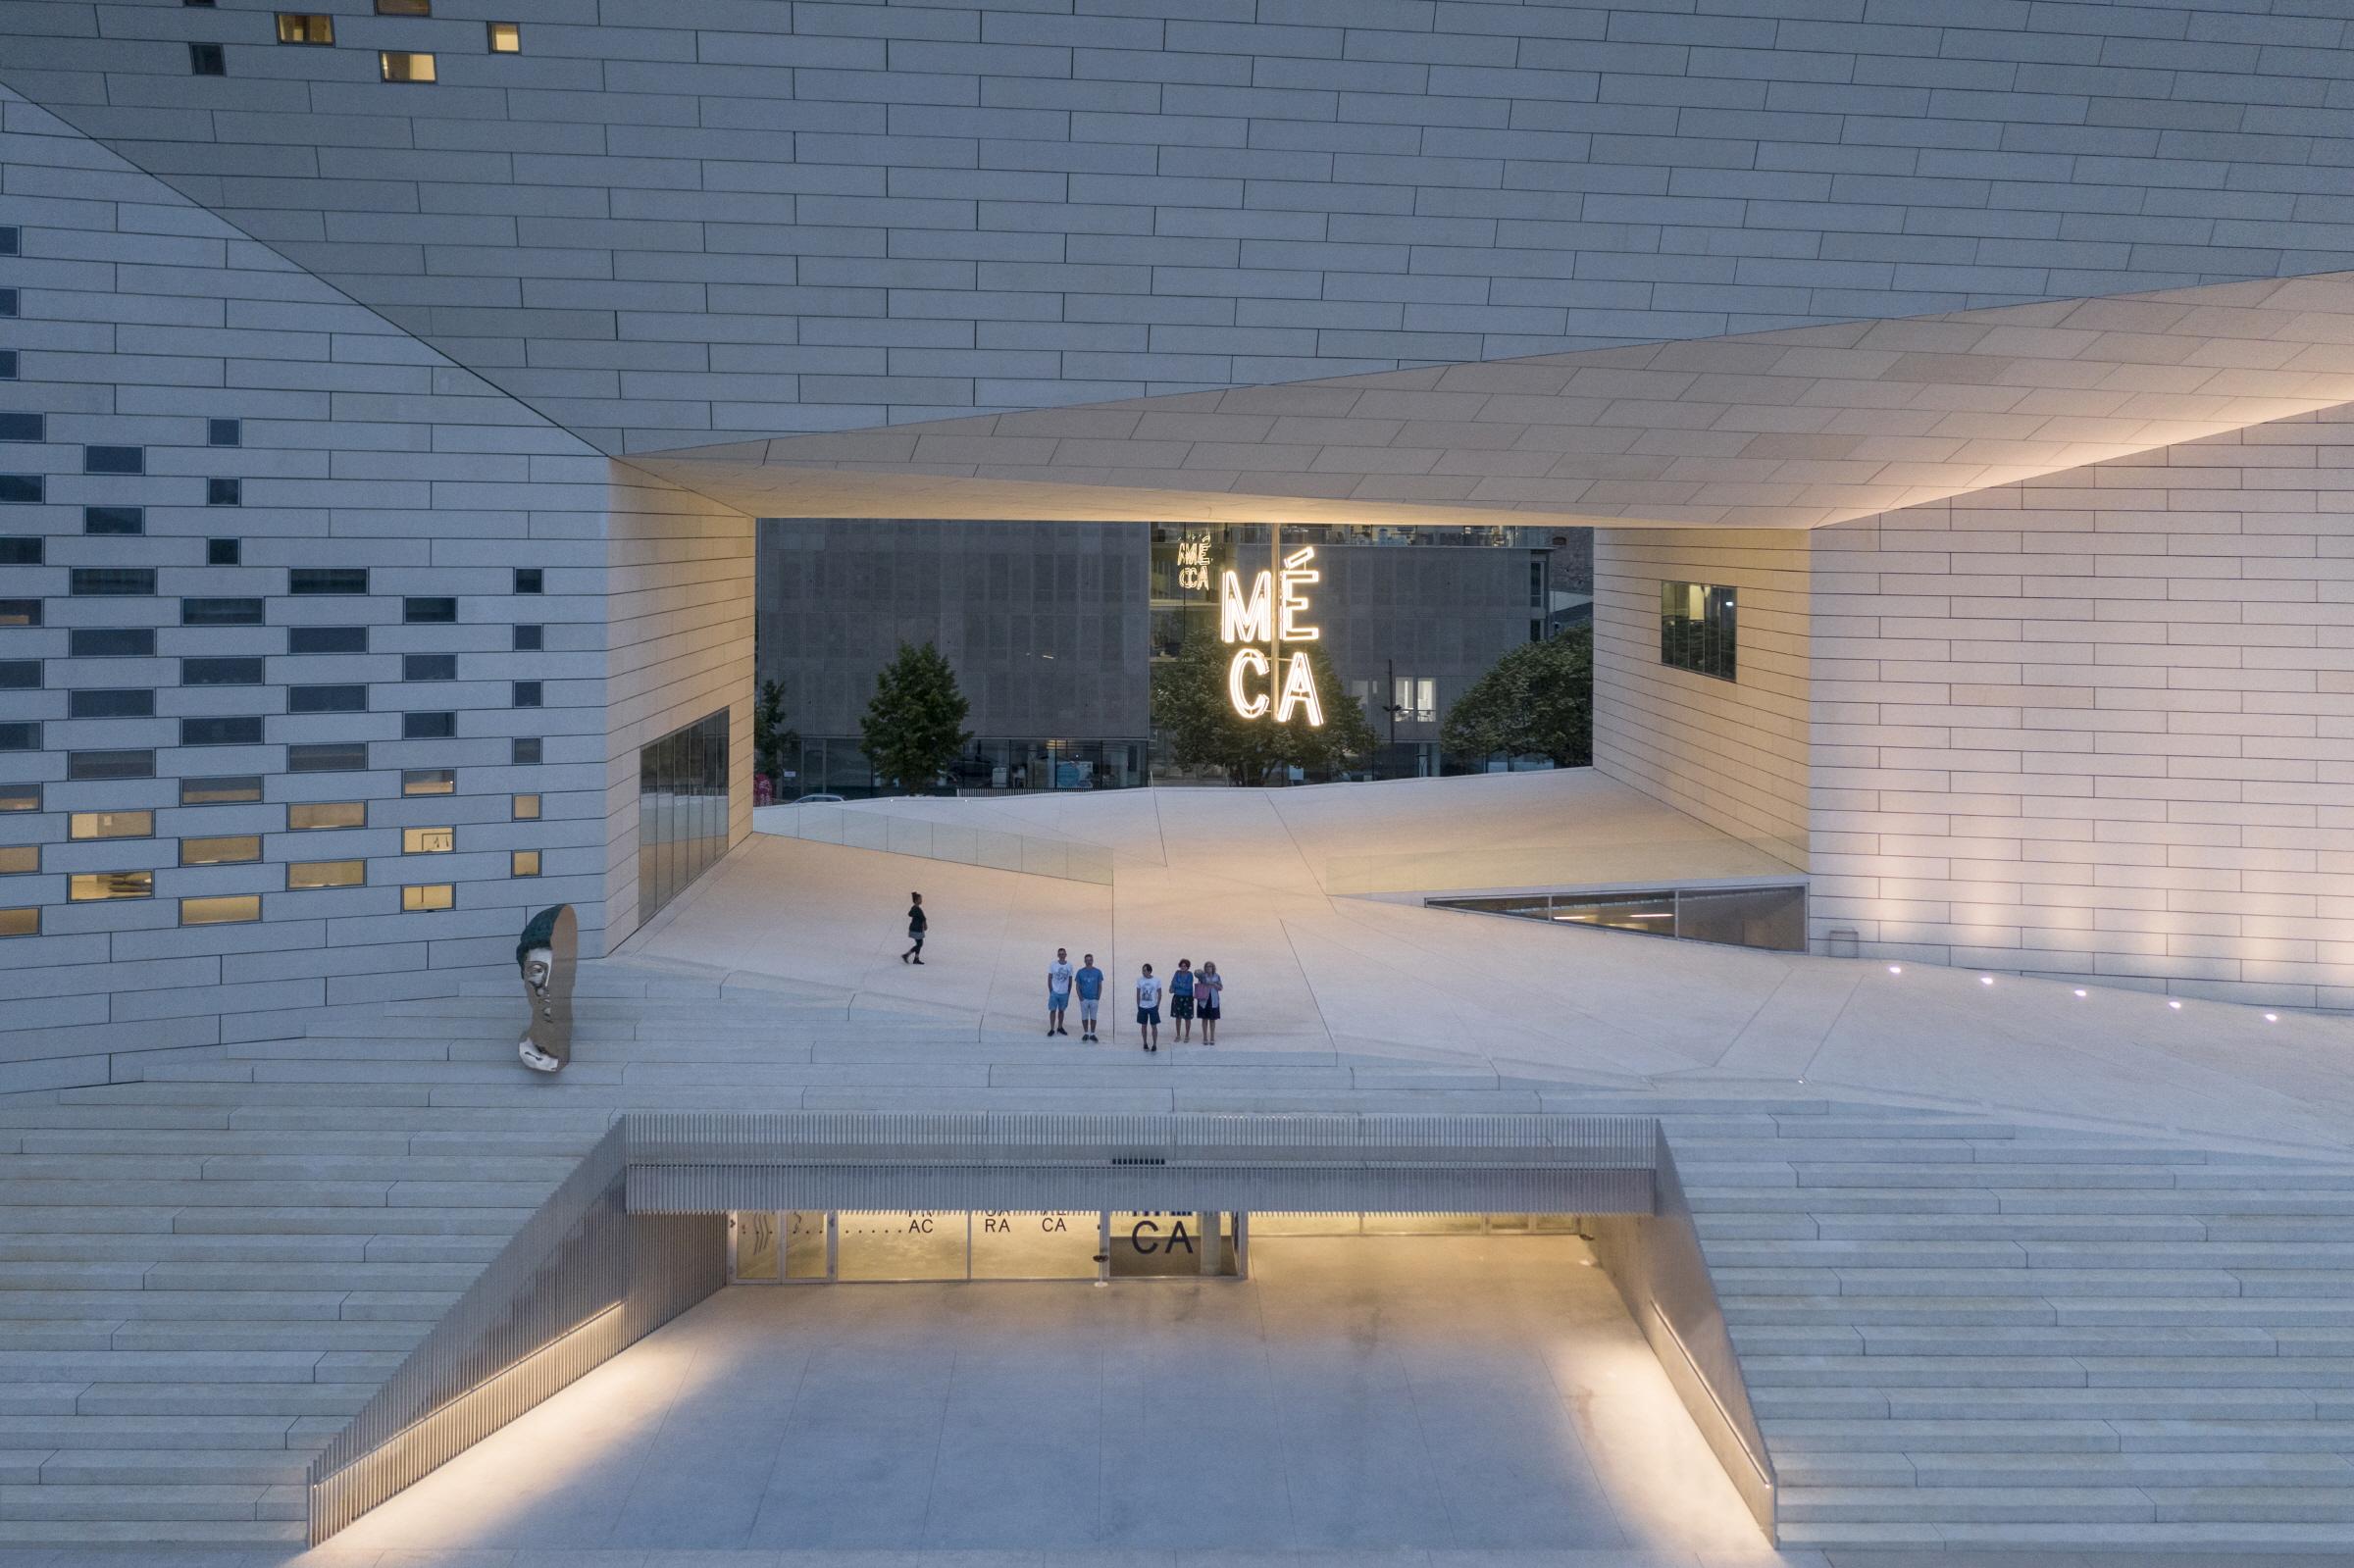 〔안정원의 건축 칼럼〕 어번룸으로 통합한 입체적인 도시 복합문화센터, 메카공간읽기 3